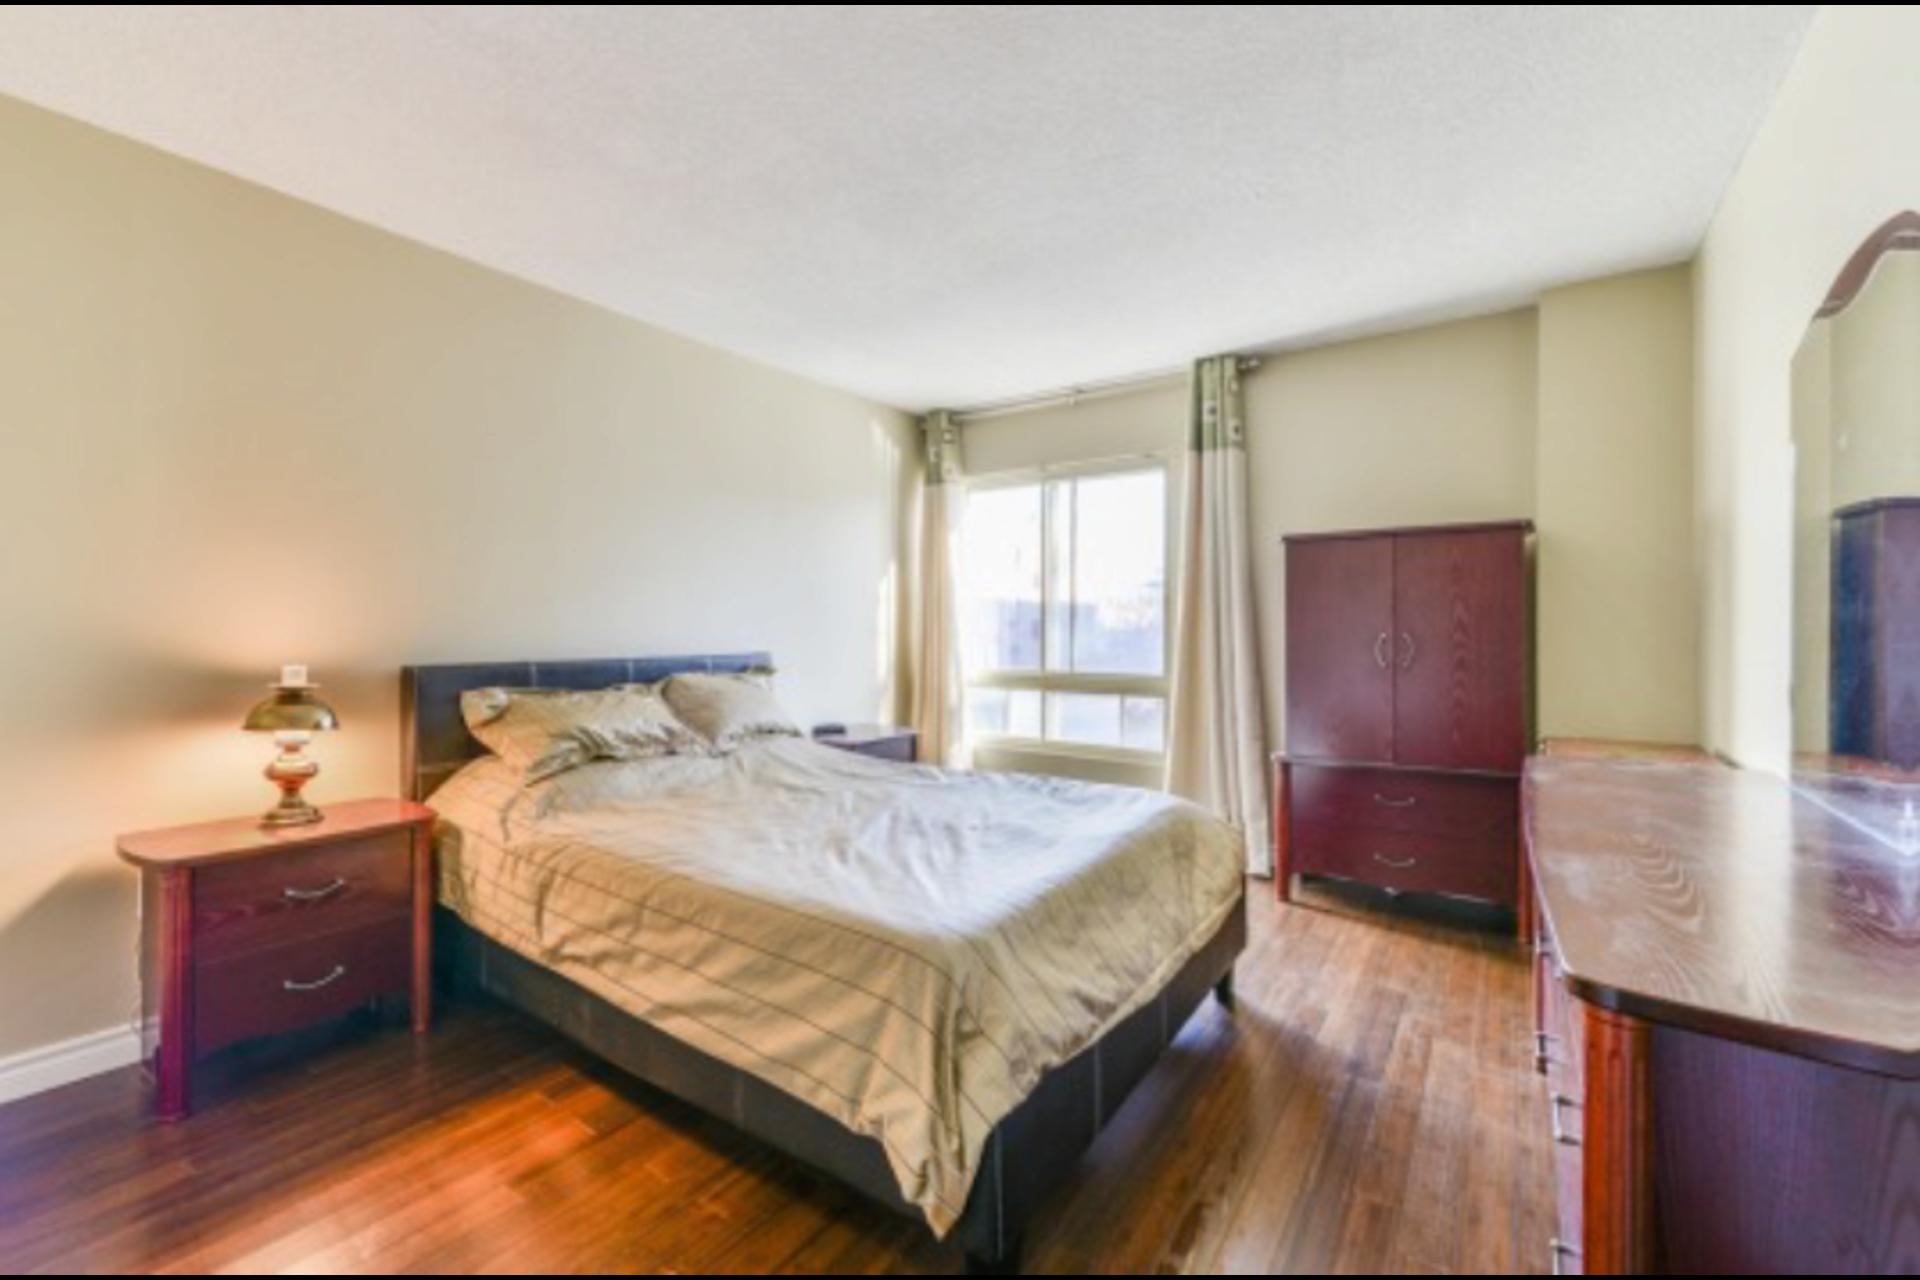 image 10 - MX - Condominio vertical - MX Para alquiler Montréal - 4 habitaciones